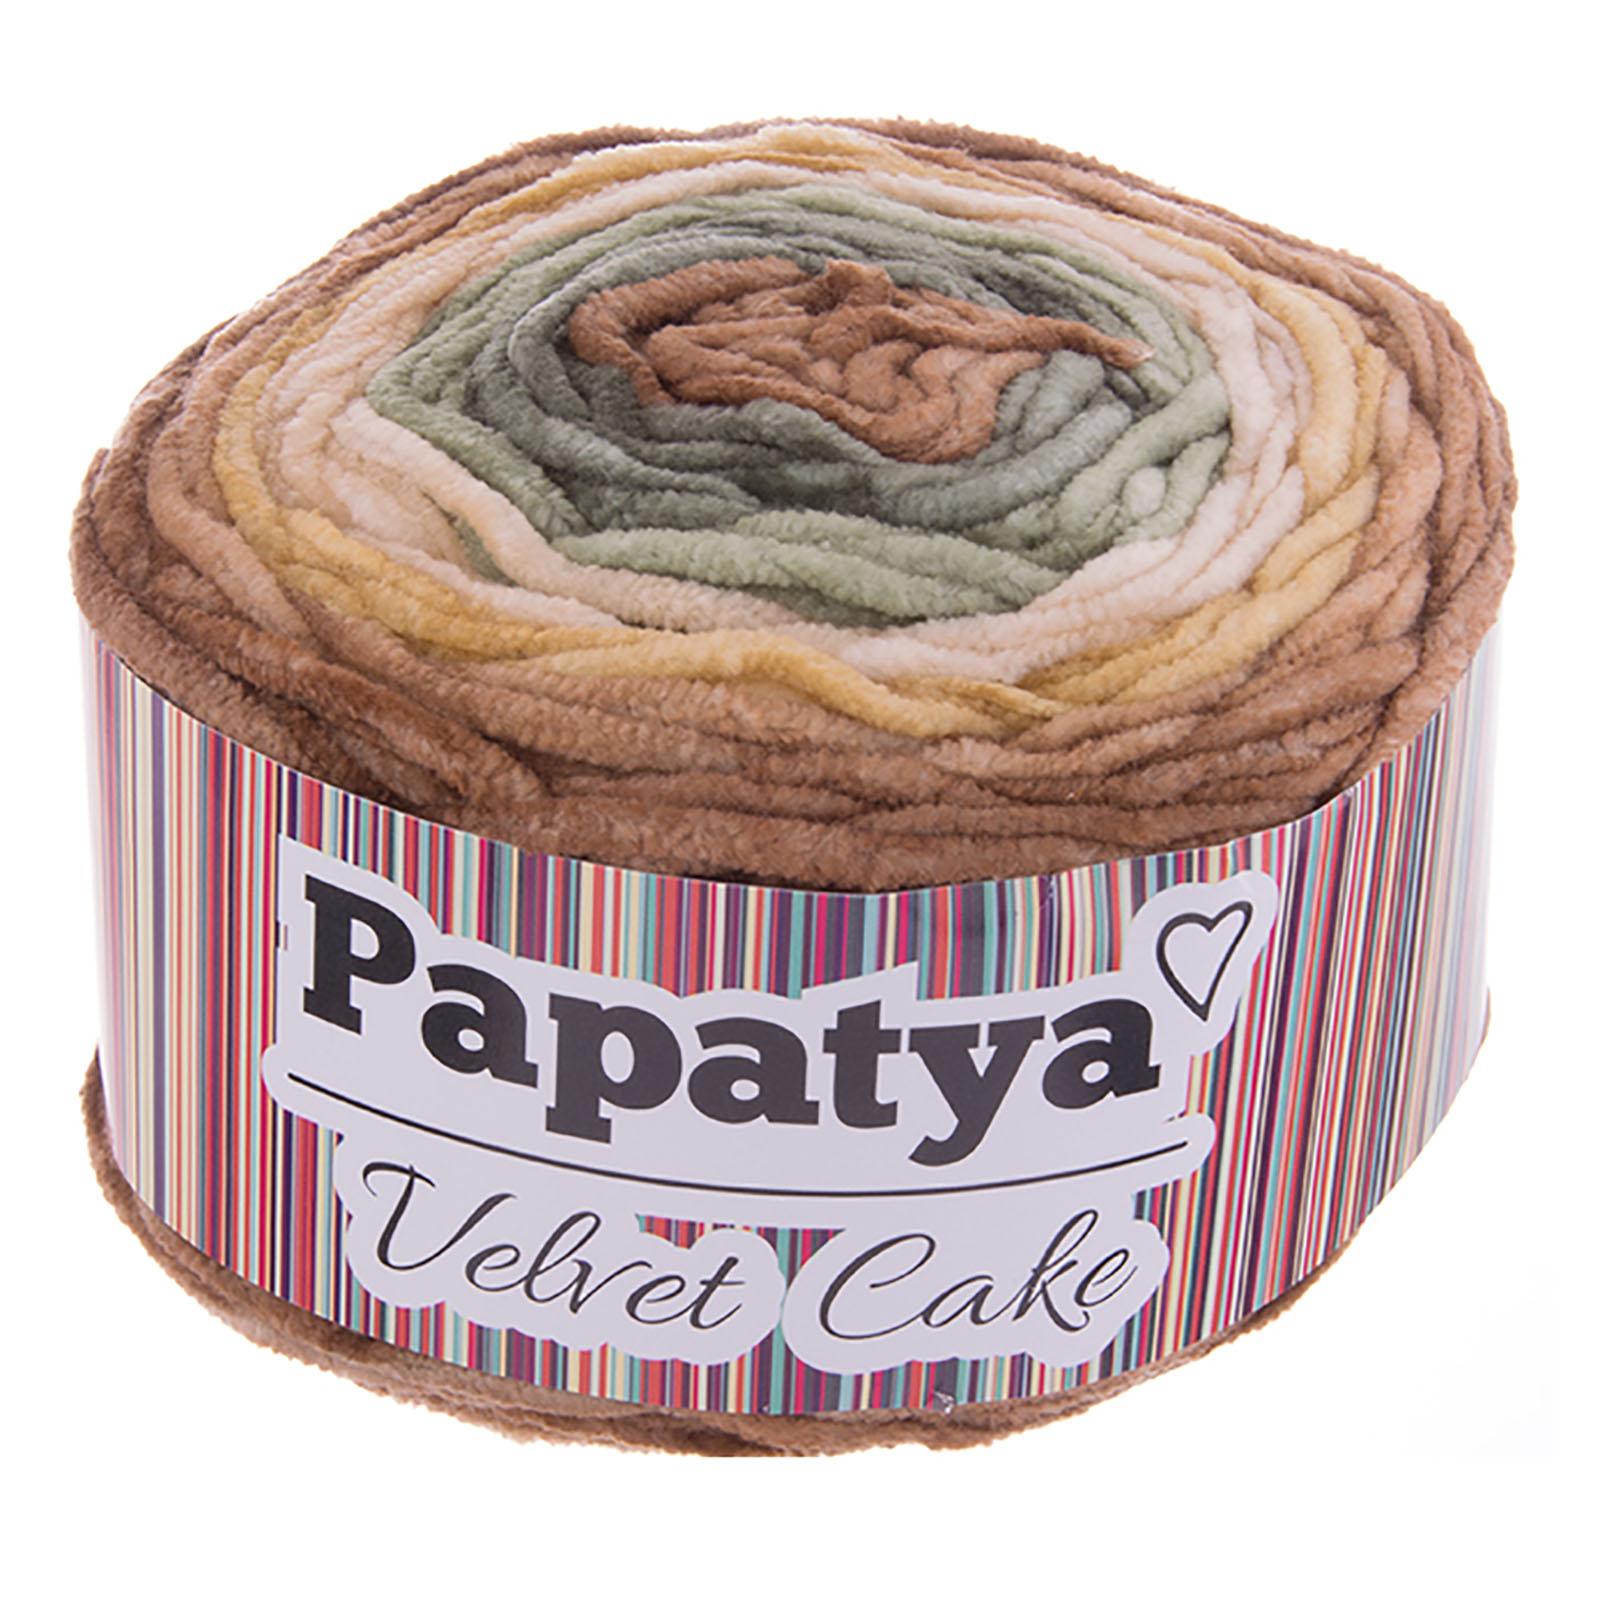 150g Farbverlaufsgarn Papatya Velvet Cake Bobbel Chenille-Strickgarn Strick-Wolle Strickgarn Farbwahl – Bild 4